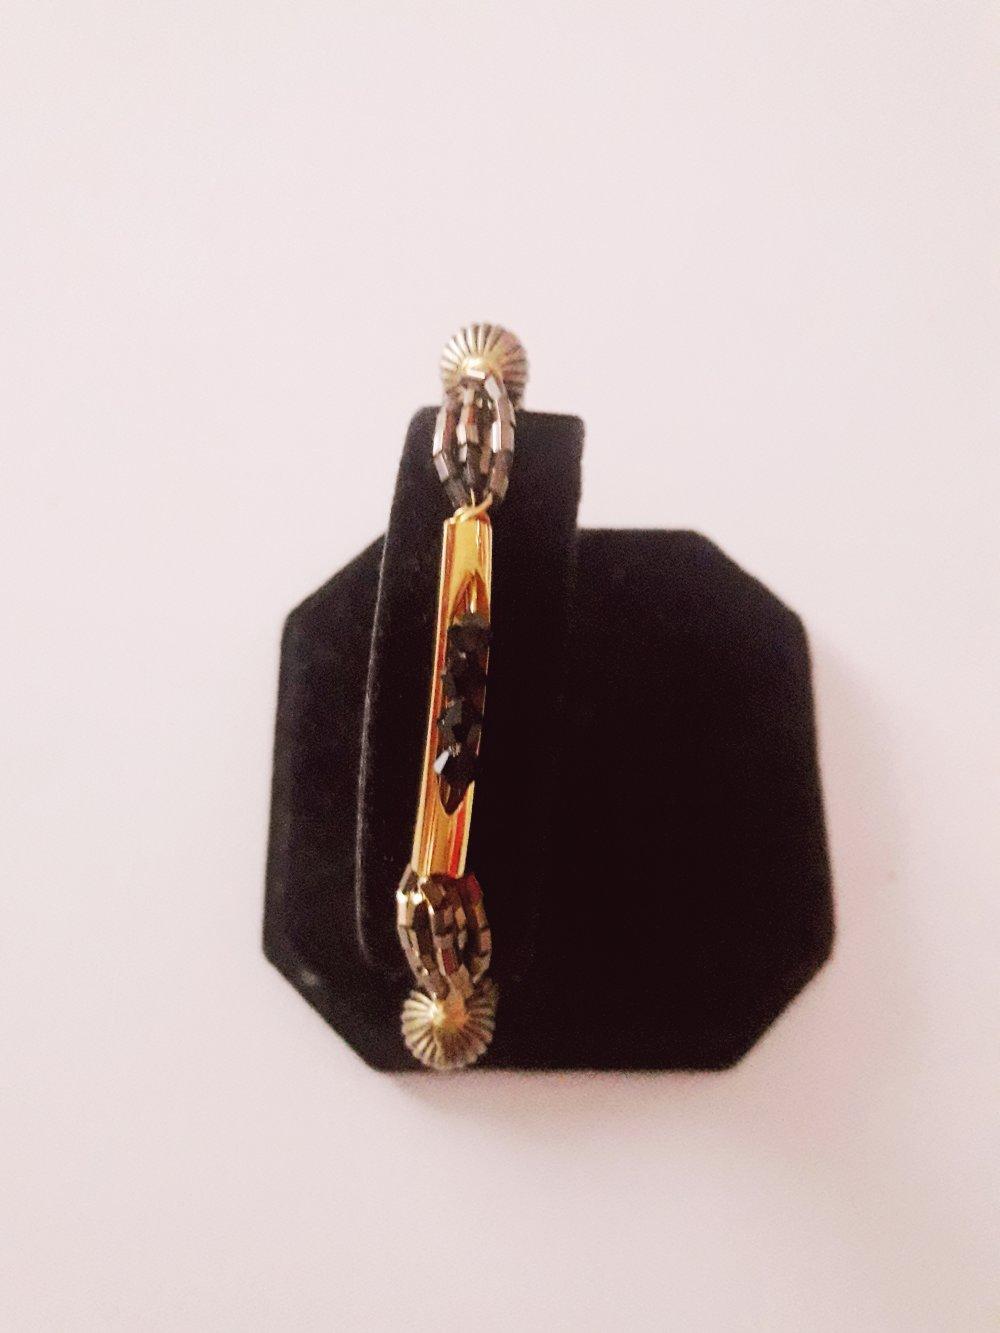 Bracelet fil aluminium perle intercalaire tube/doré noir (vendu)